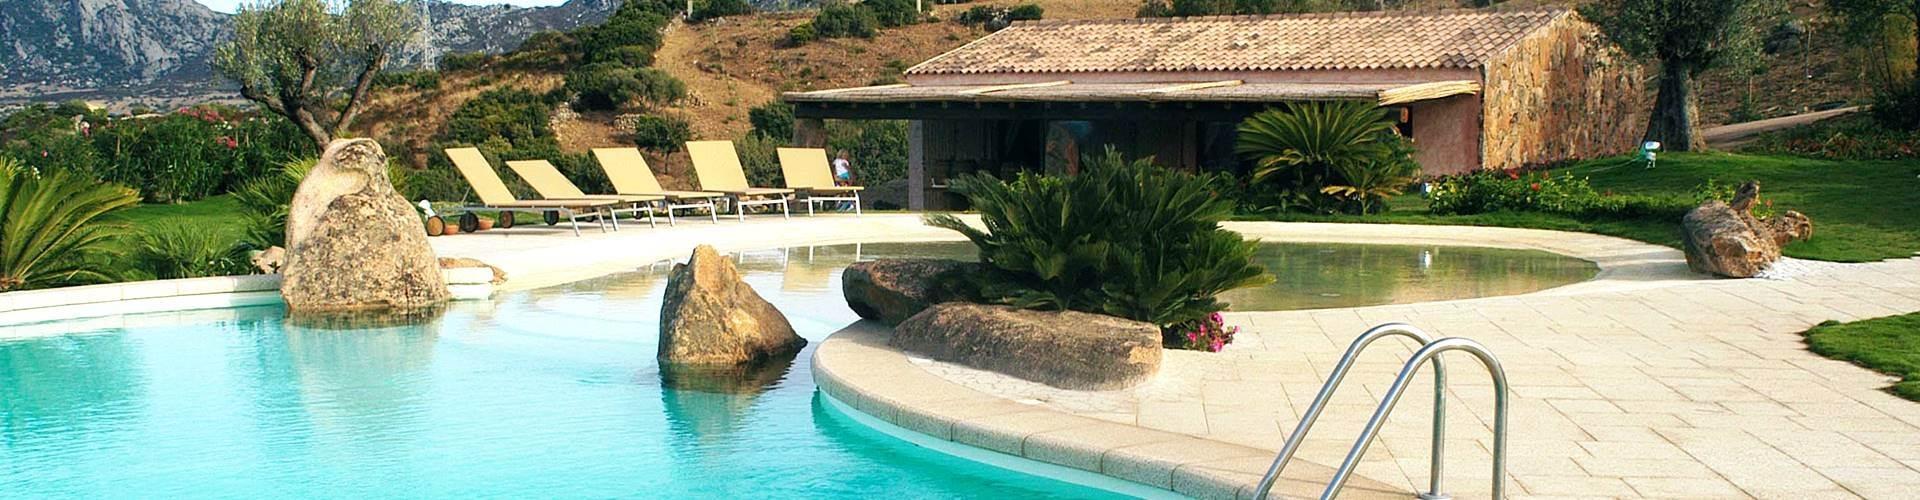 Costruttori piscine mantova costruzione piscine mantova - Piscine a catania e provincia ...